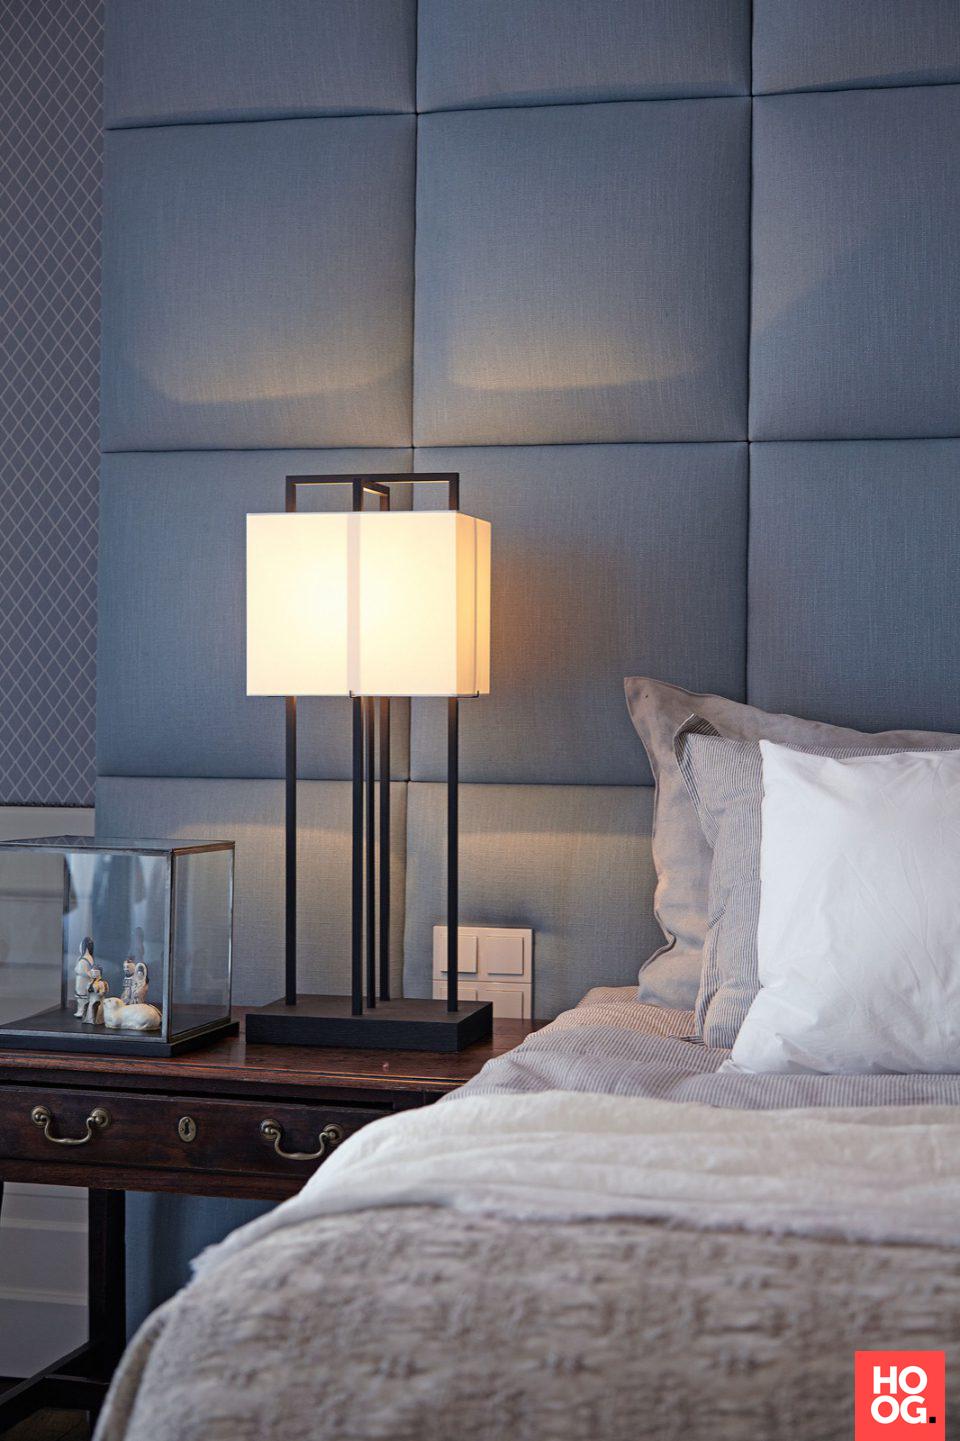 Luxe slaapkamer ontwerp met design verlichting | slaapkamer ideeen ...